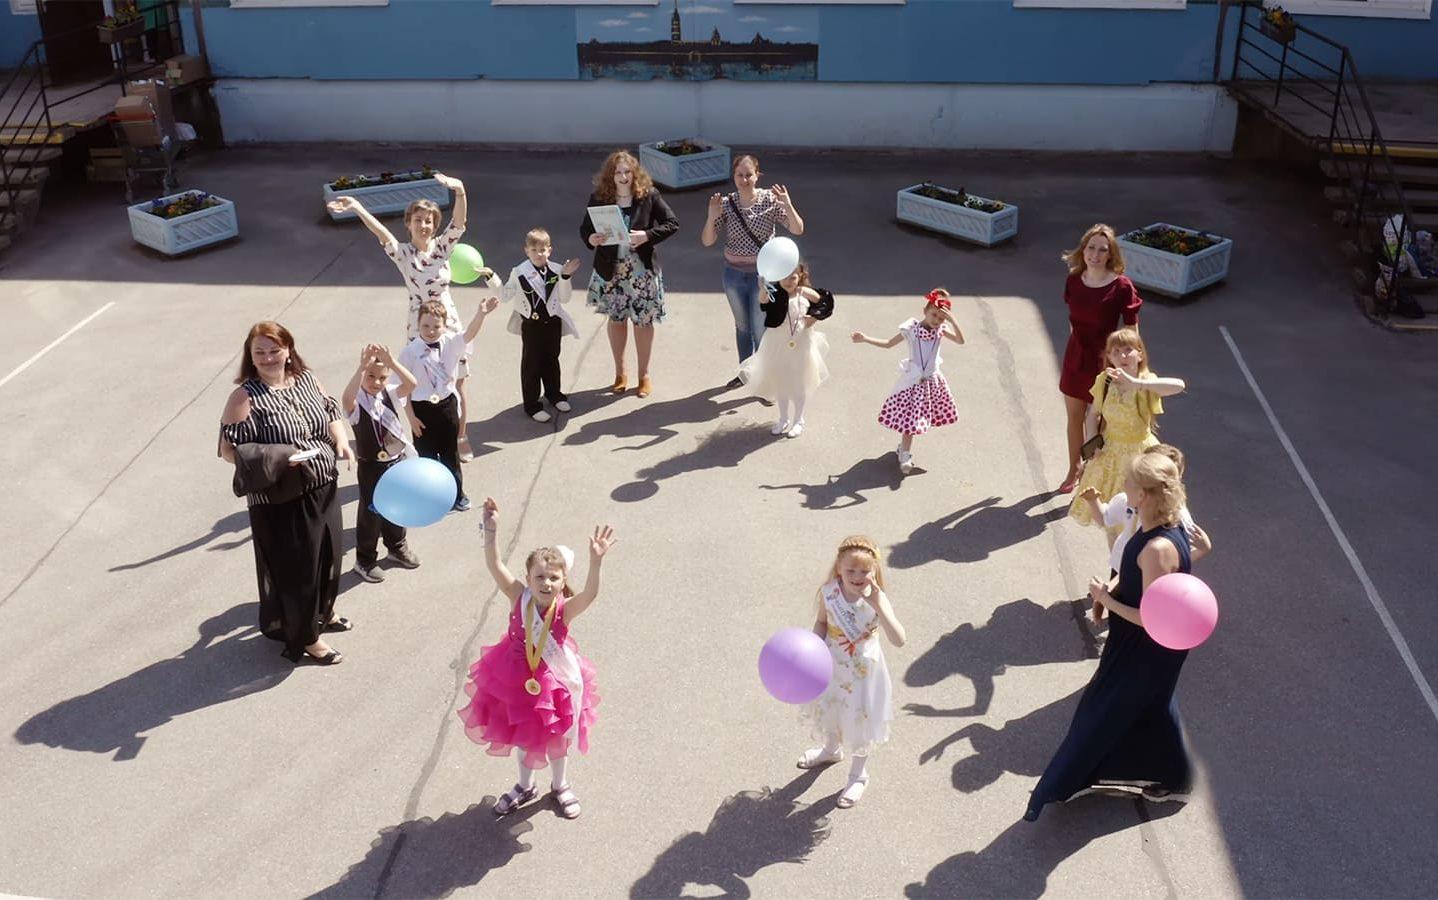 Съемка детей в детском саду в Санкт-Петербурге